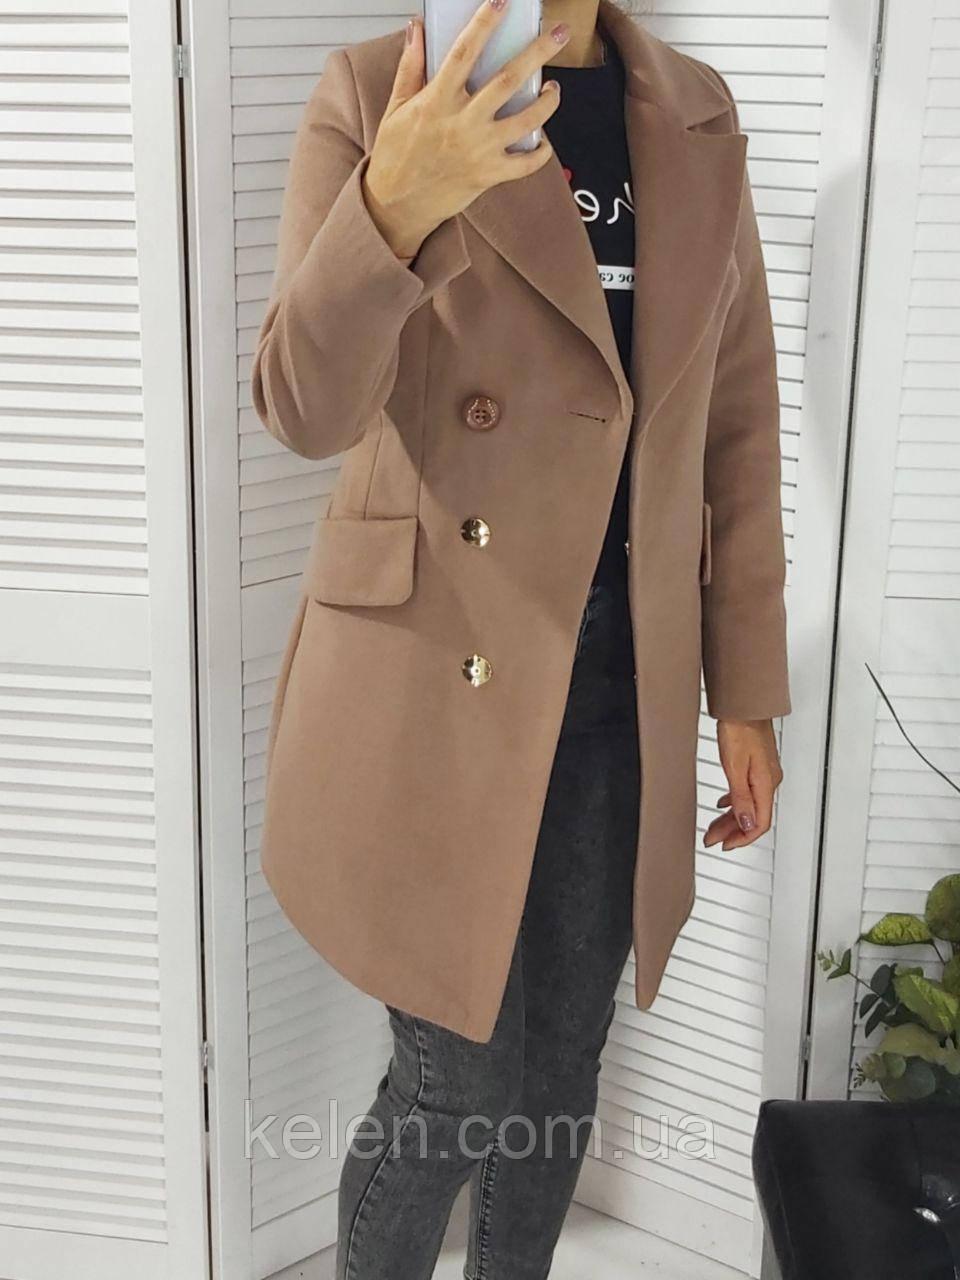 Пальто классическое весна-осень бежевое размер 42-44